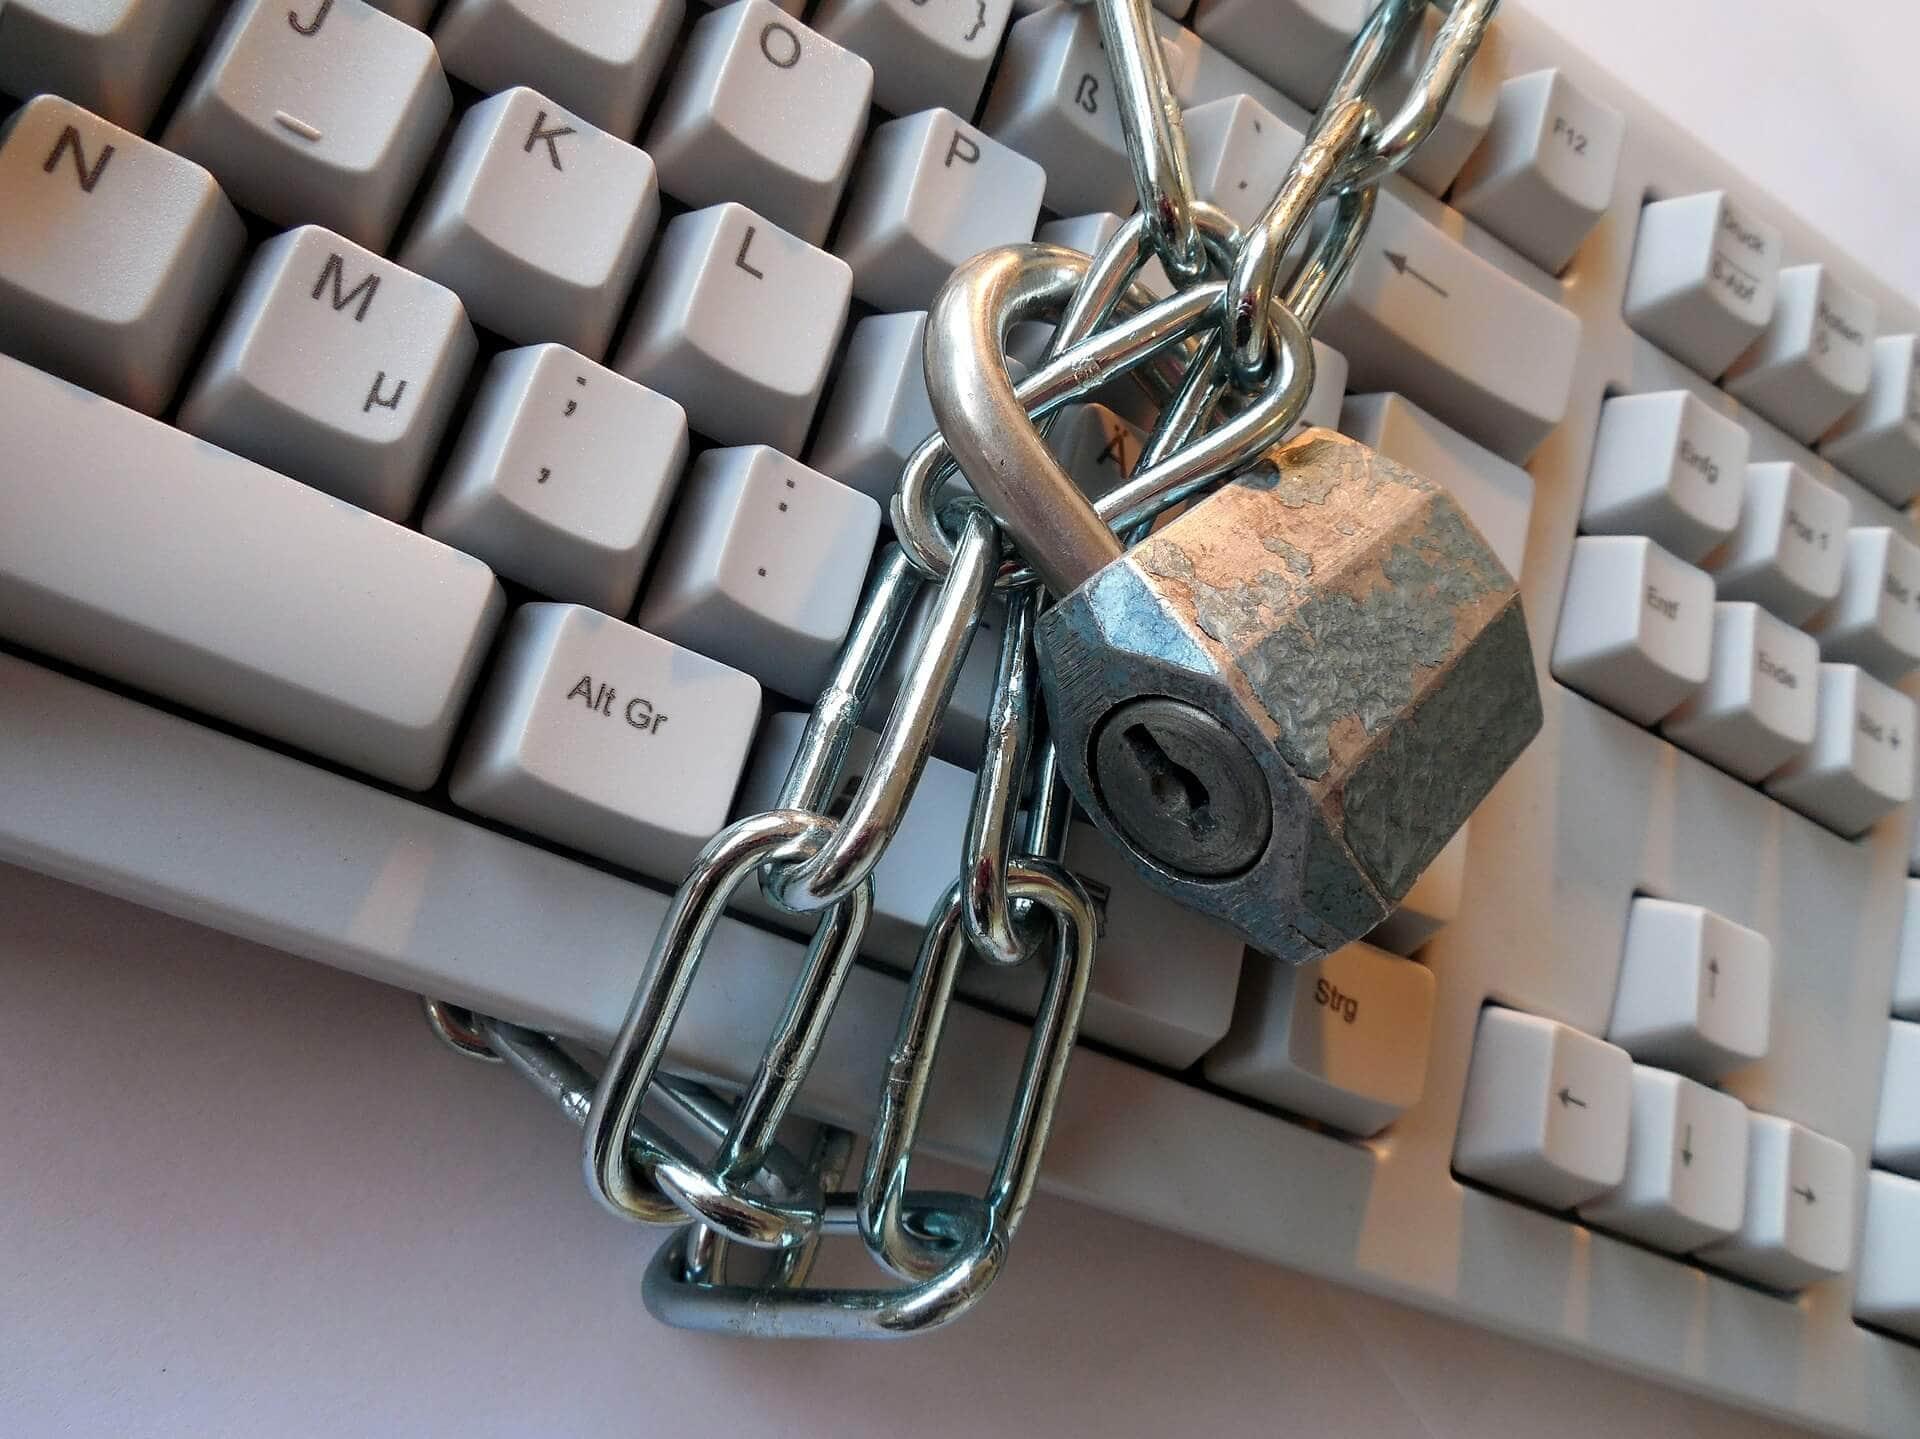 セキュリティ違反を防ぐ方法